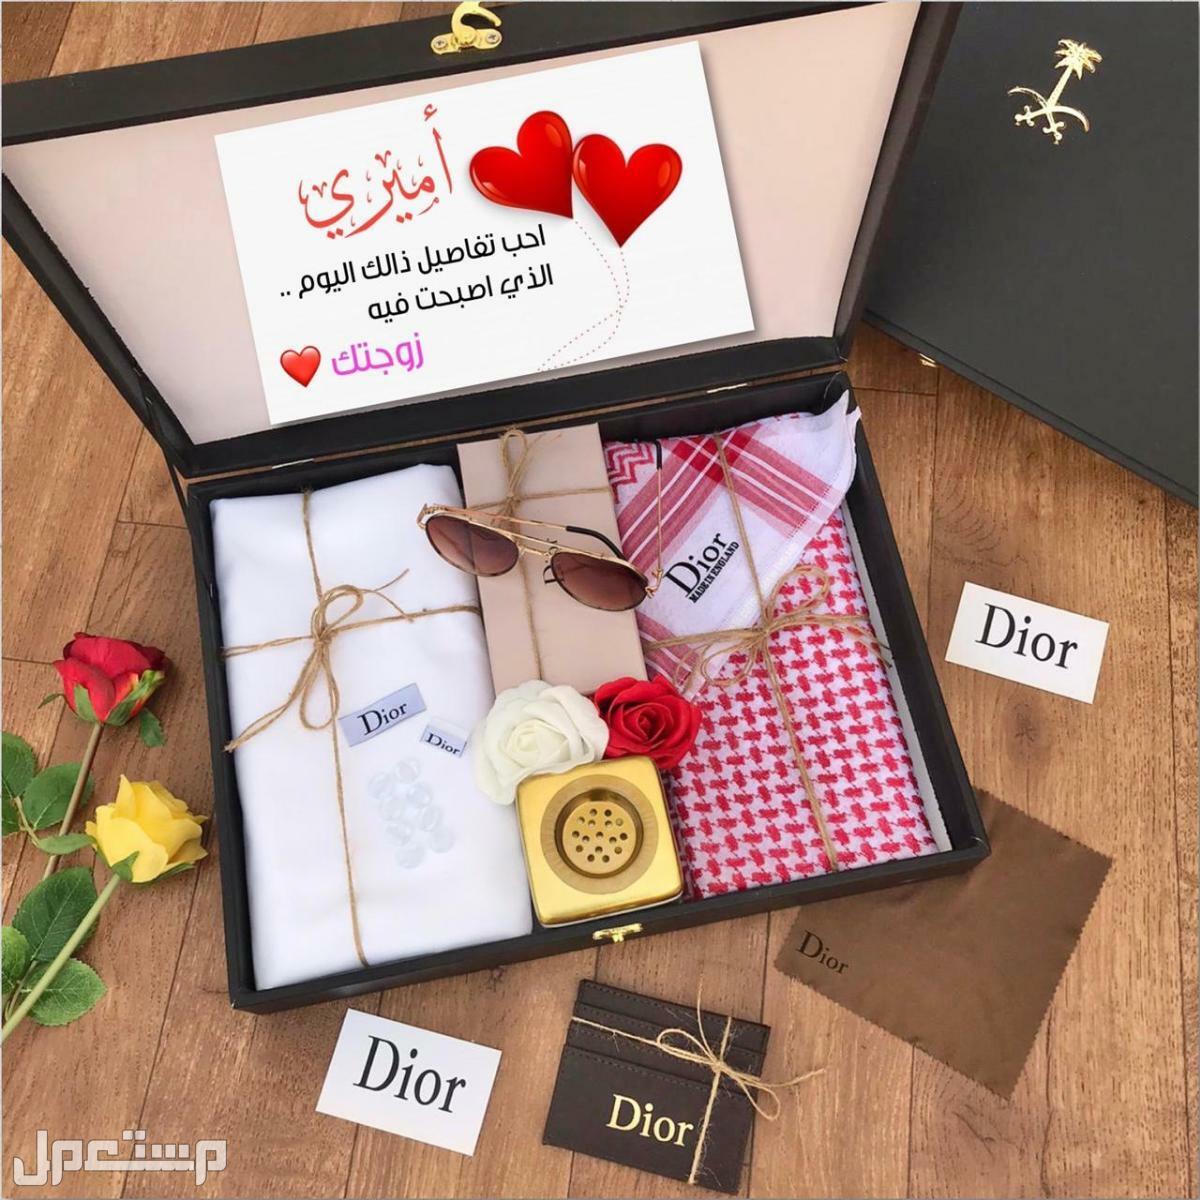 بكسات هدايا تنسيق اجمل الهدايا